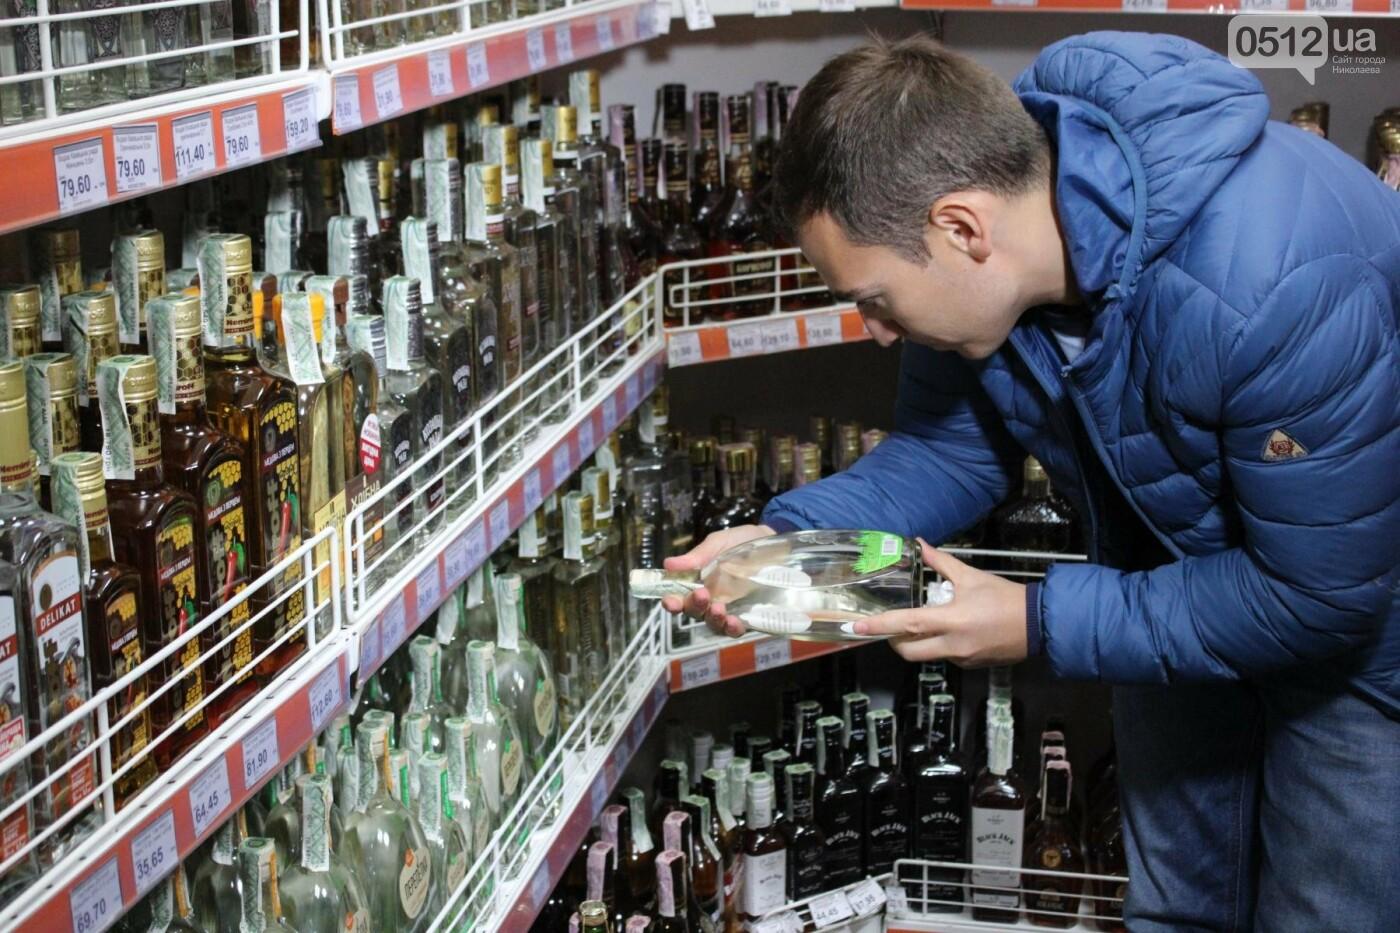 Проверка в супермаркетах: как николаевцам подсовывают испорченный товар (ФОТОРЕПОРТАЖ, ВИДЕО), фото-19